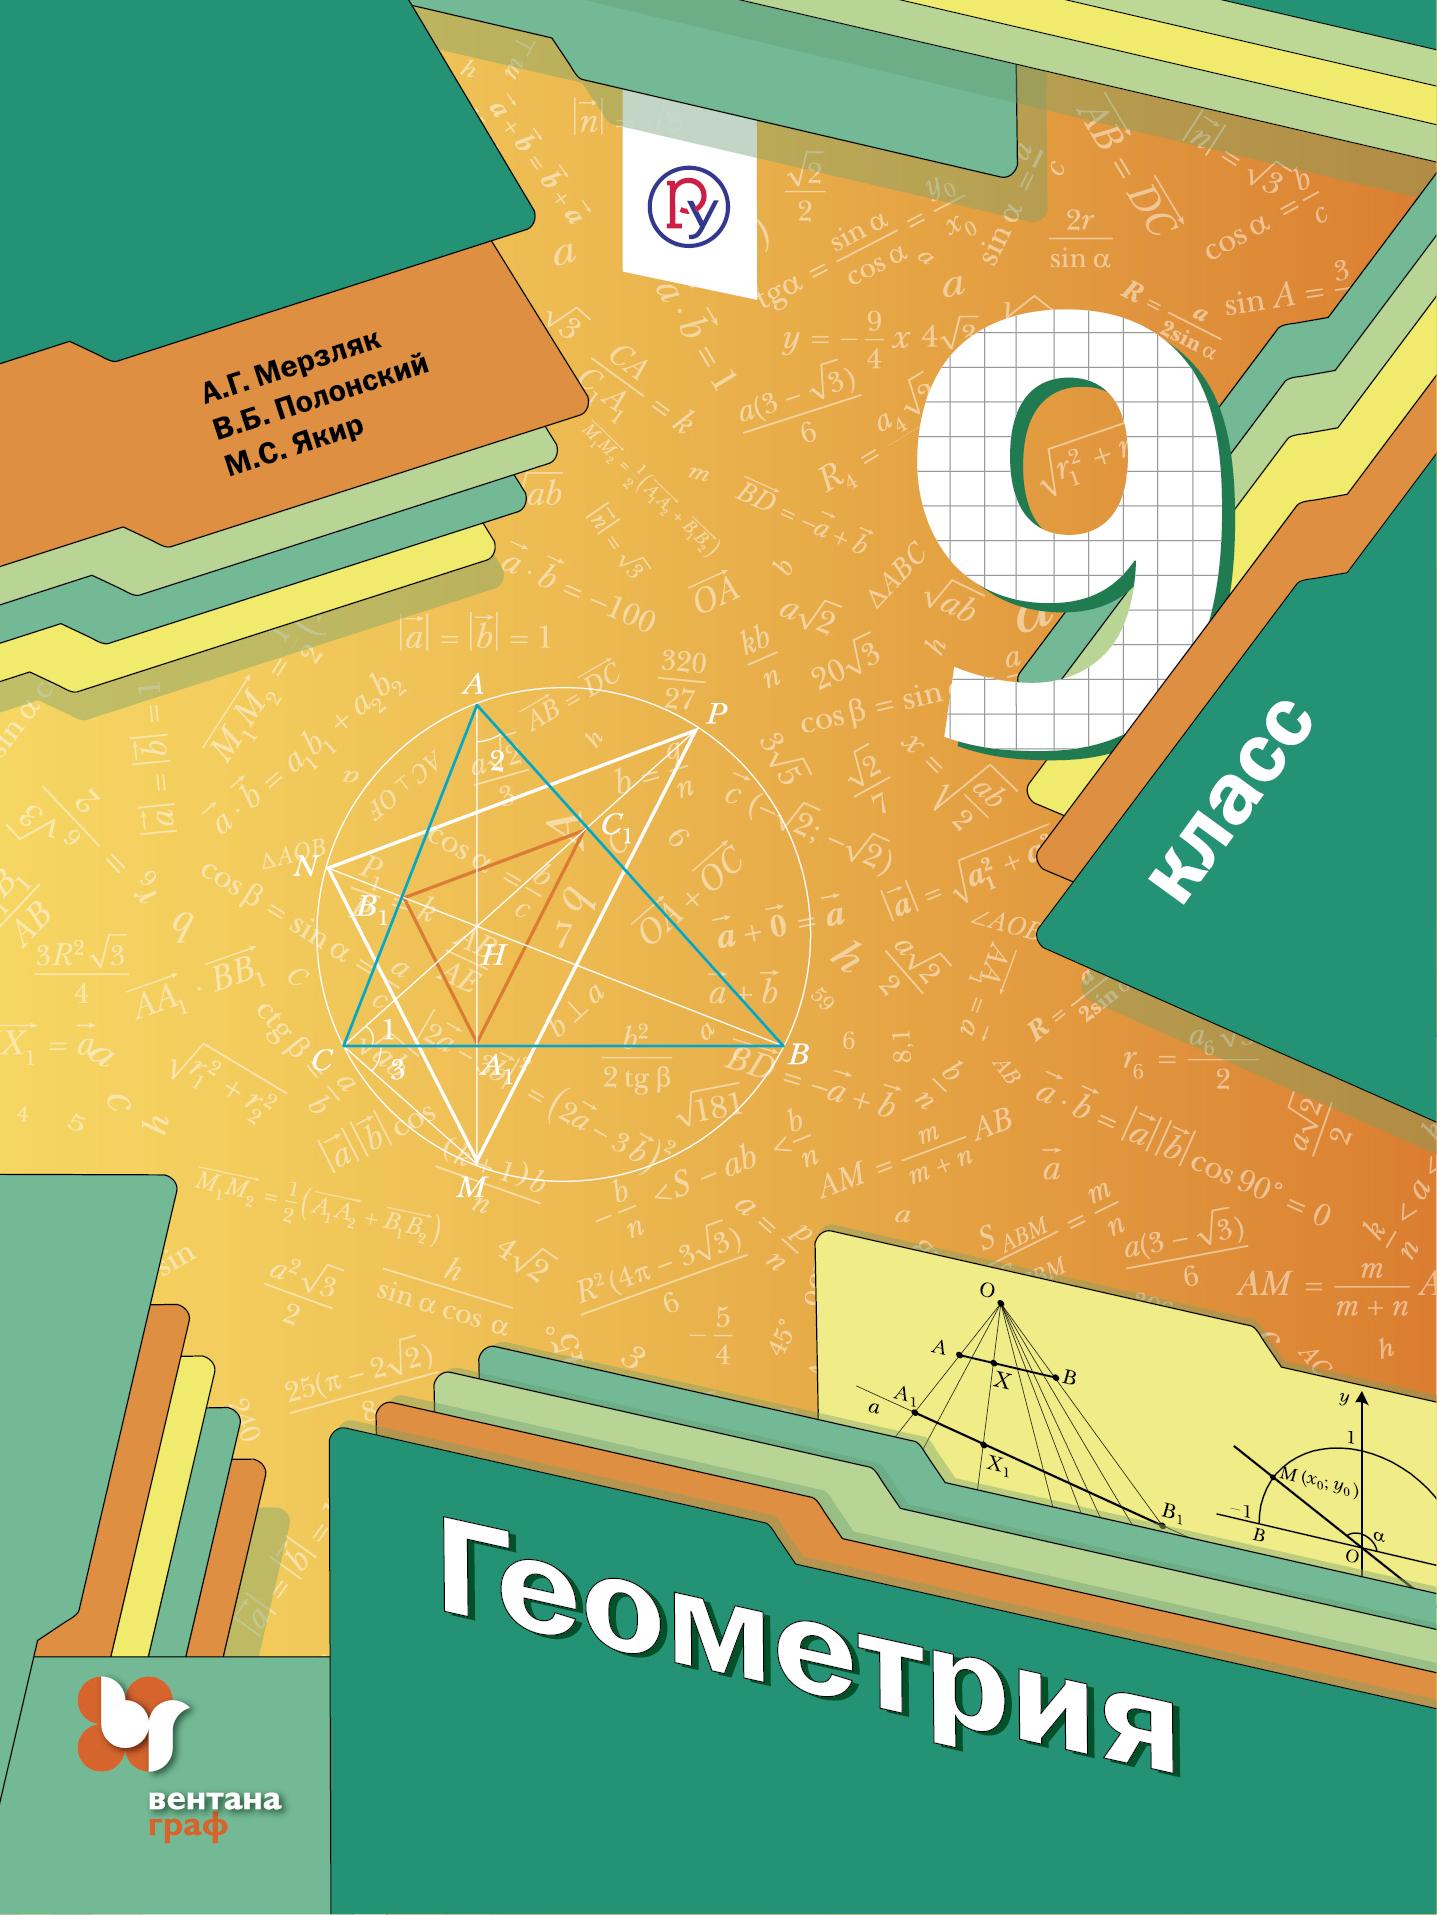 А. Г. Мерзляк Геометрия. 9 класс александров а д геометрия 9 класс учебник для учащихся для общеобразовательных организаций